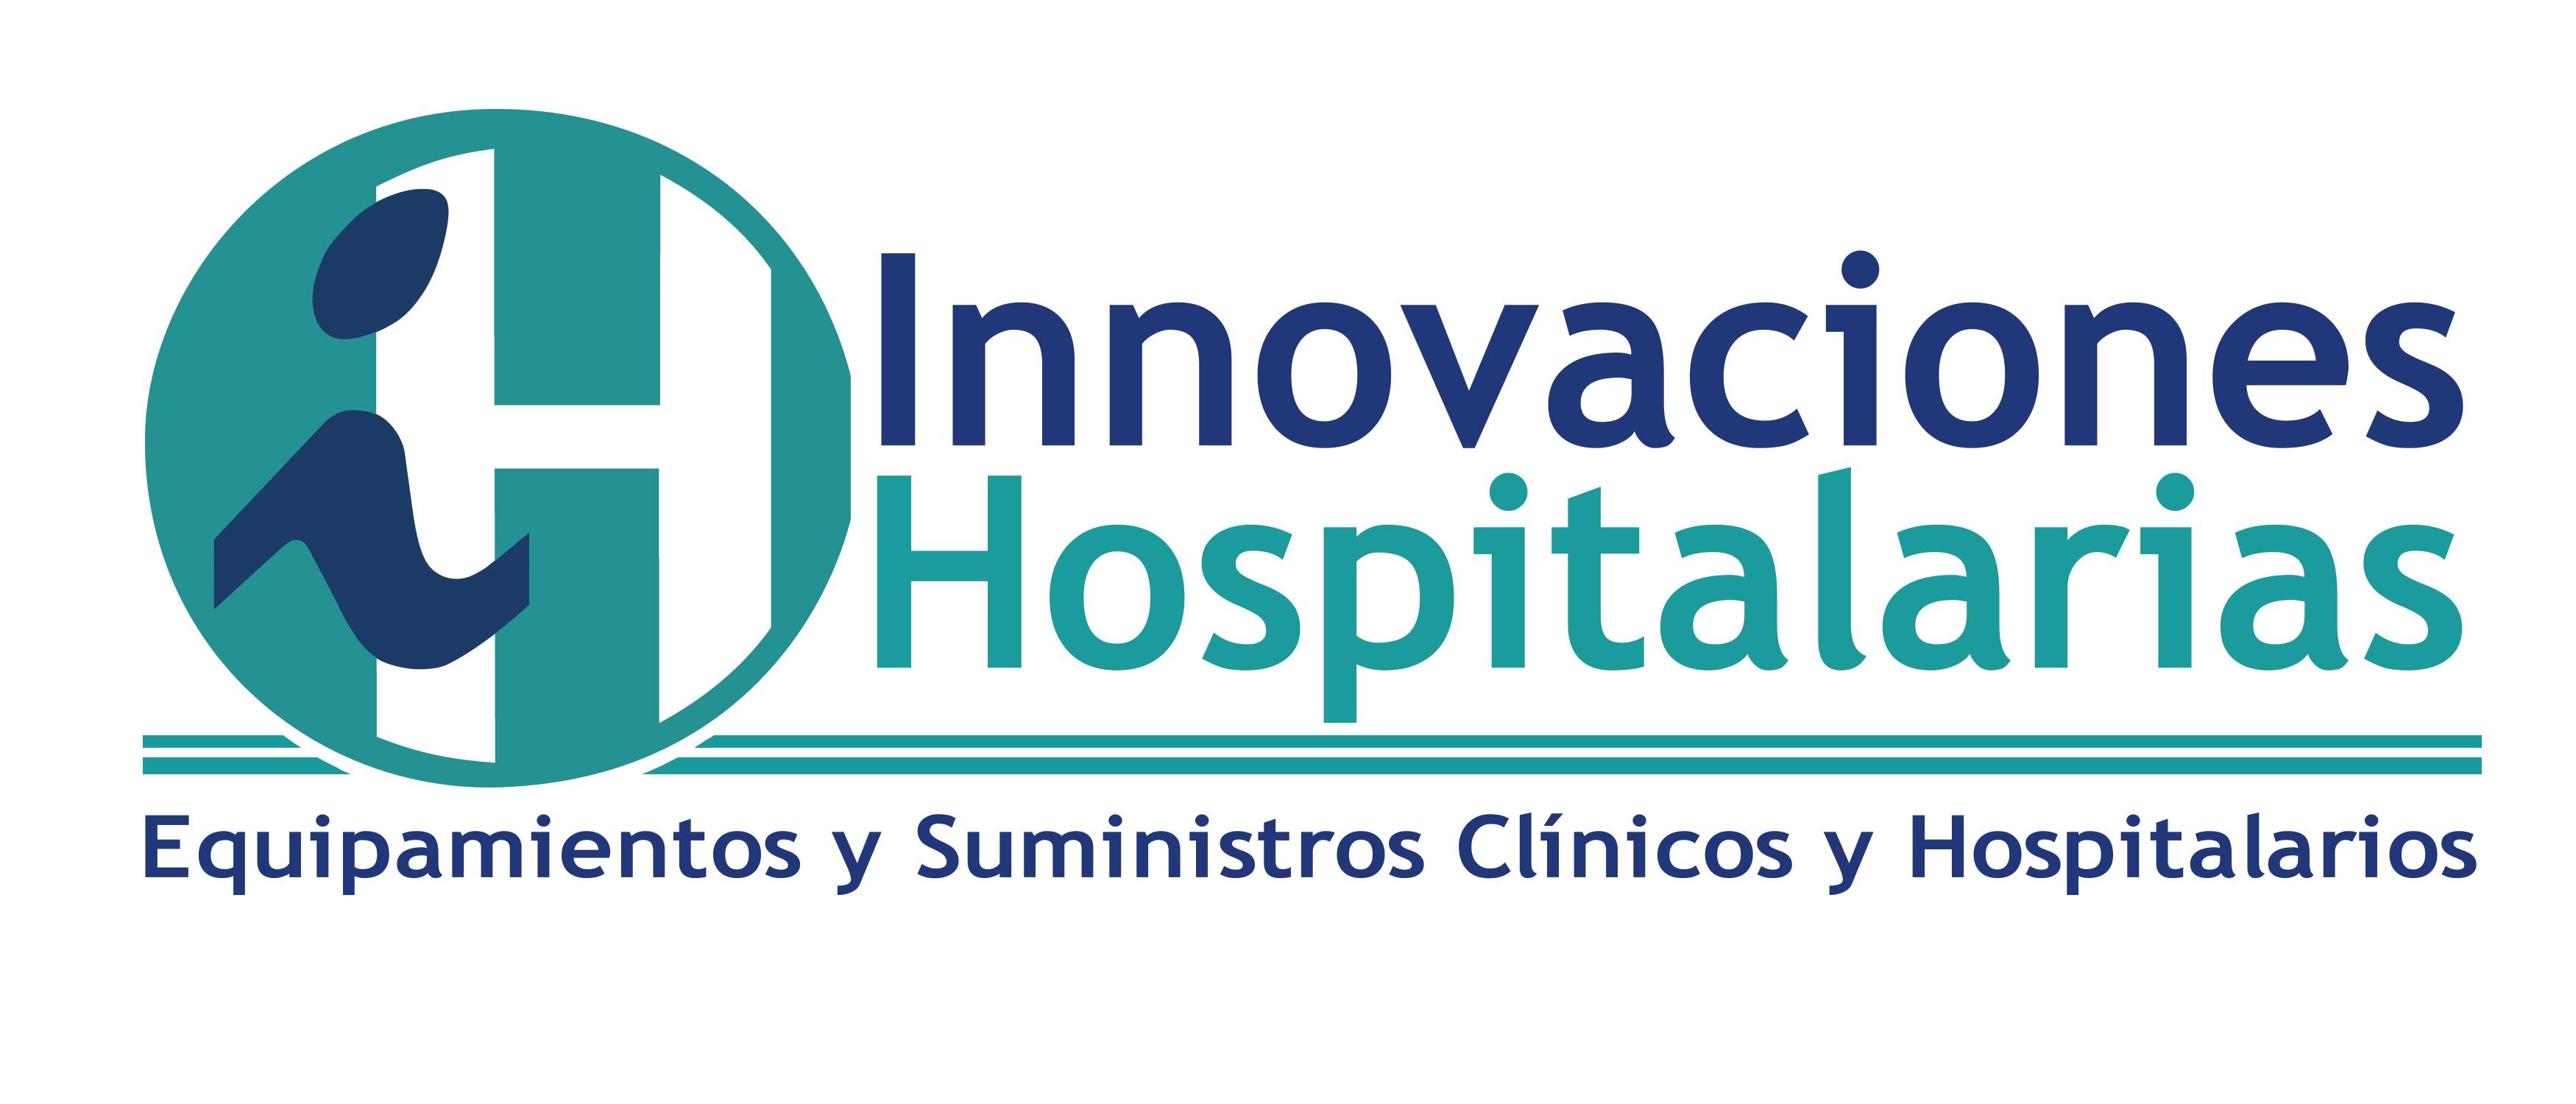 Innovaciones-Hospitalarias